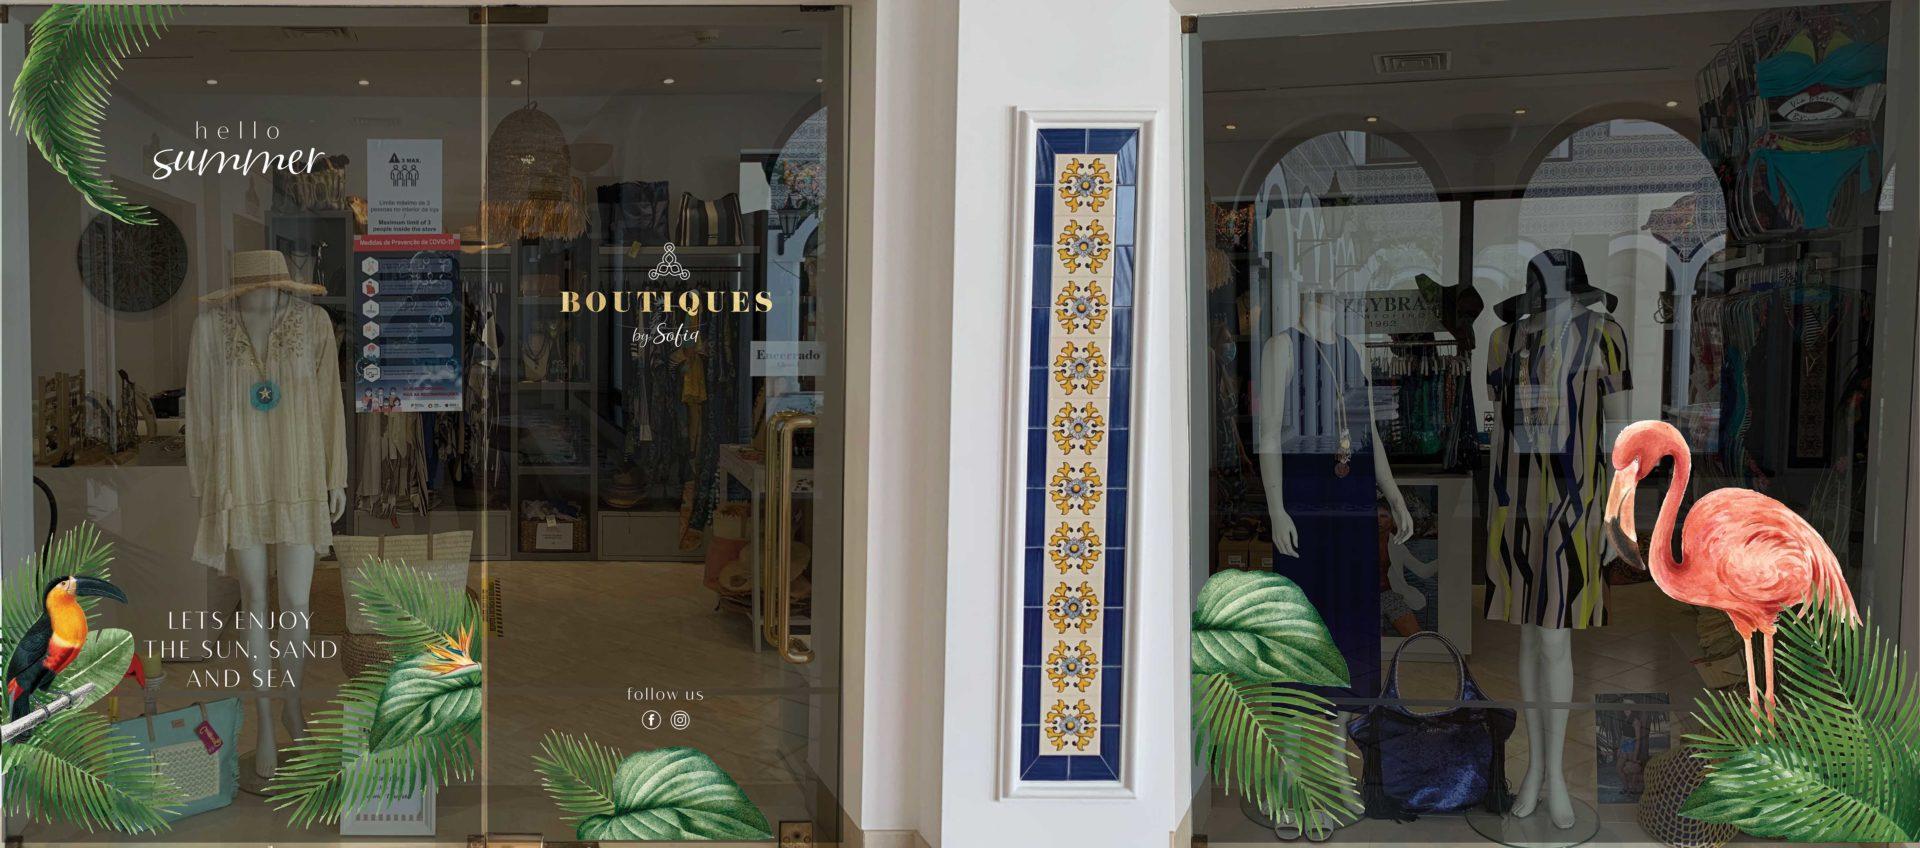 design de montra com nova identidade visual da boutiques by sofia